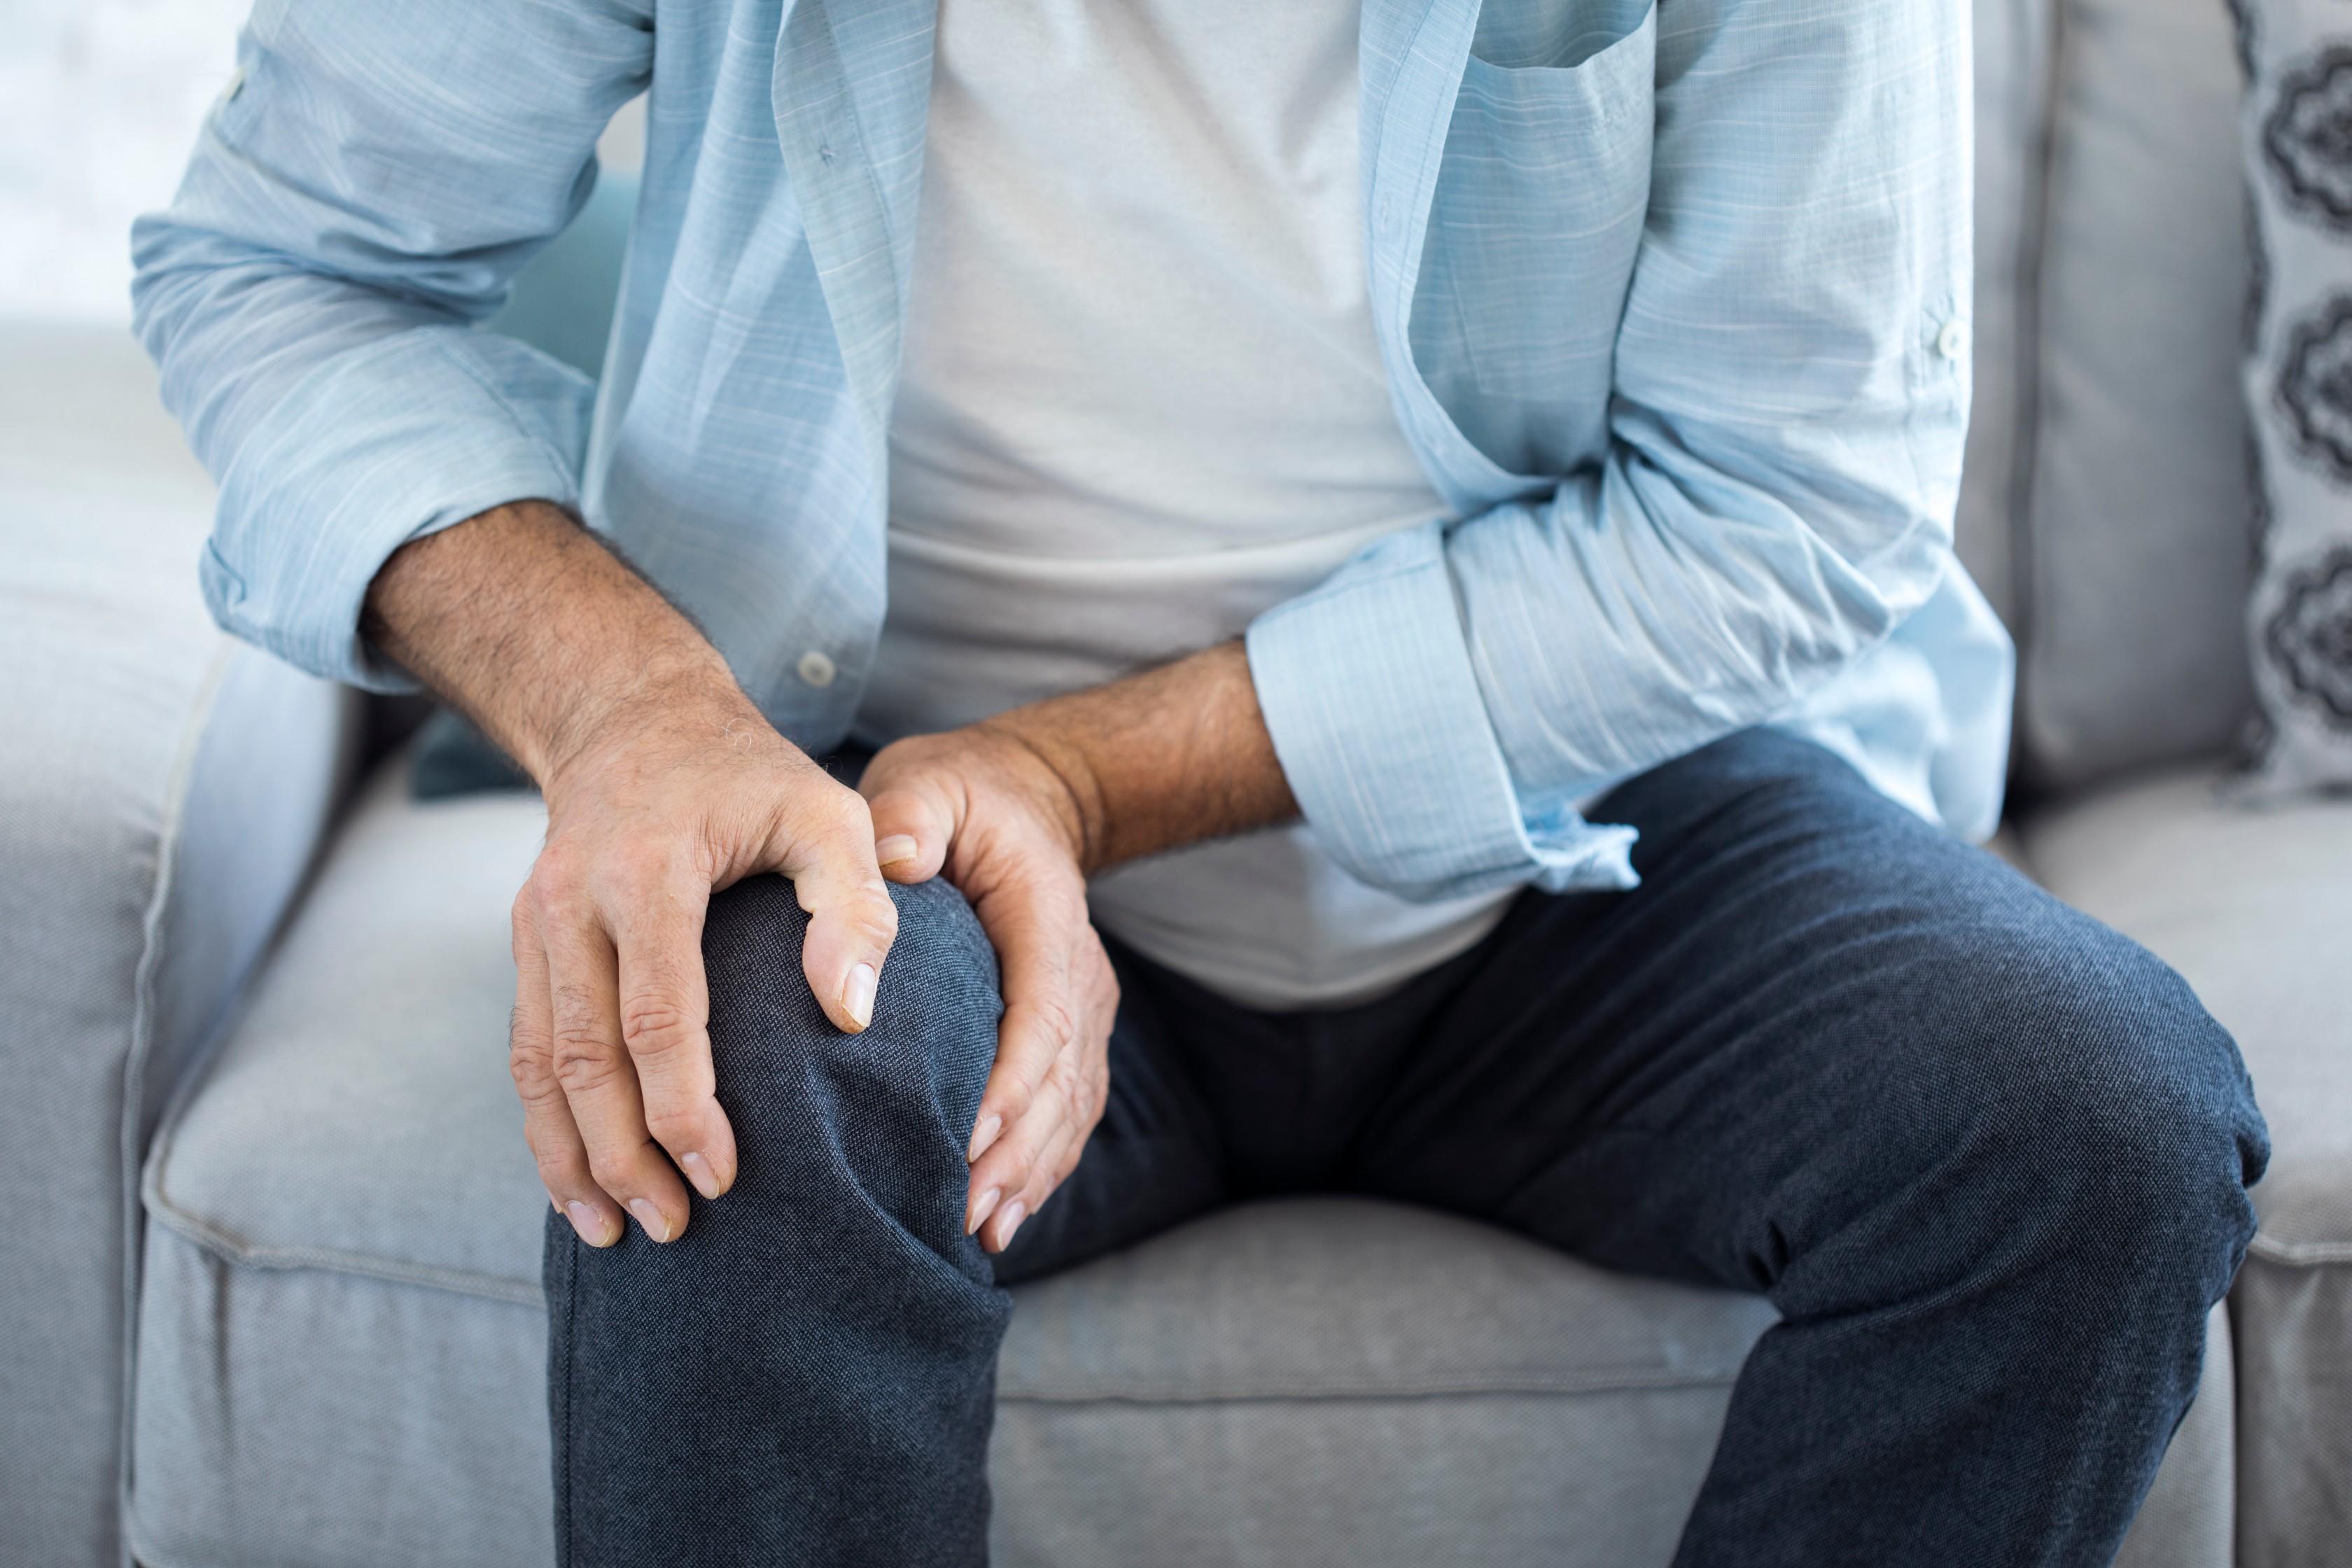 az ízületek és a hát folyamatosan fájnak ízületi fájdalom kezelés